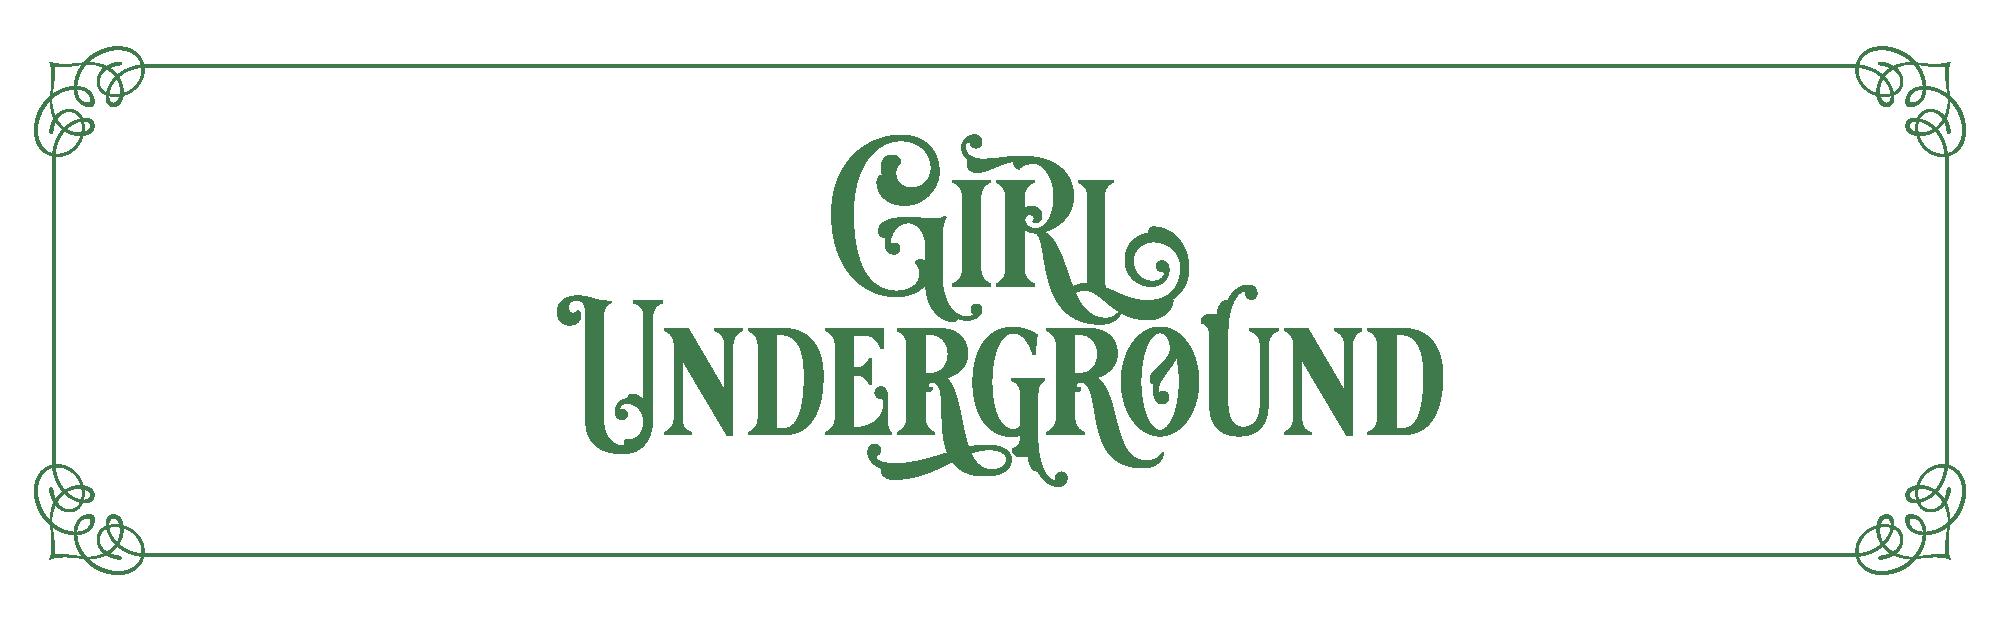 Das Logo des Rollenspiels 'Girl Underground'